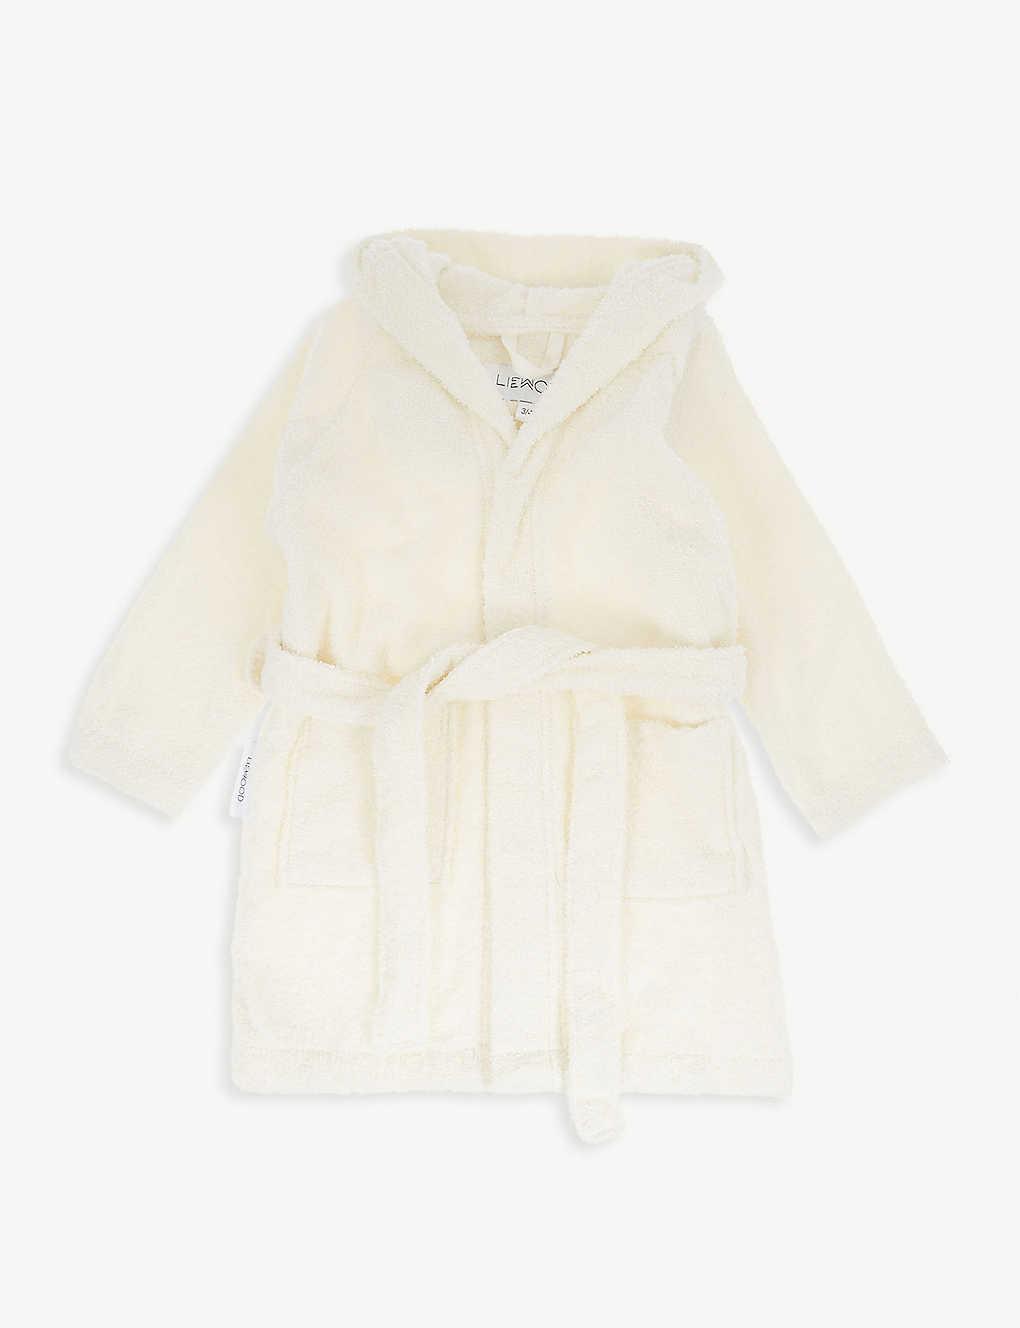 b62dbd0474f Lily panda terry cotton bath robe - Creme ...